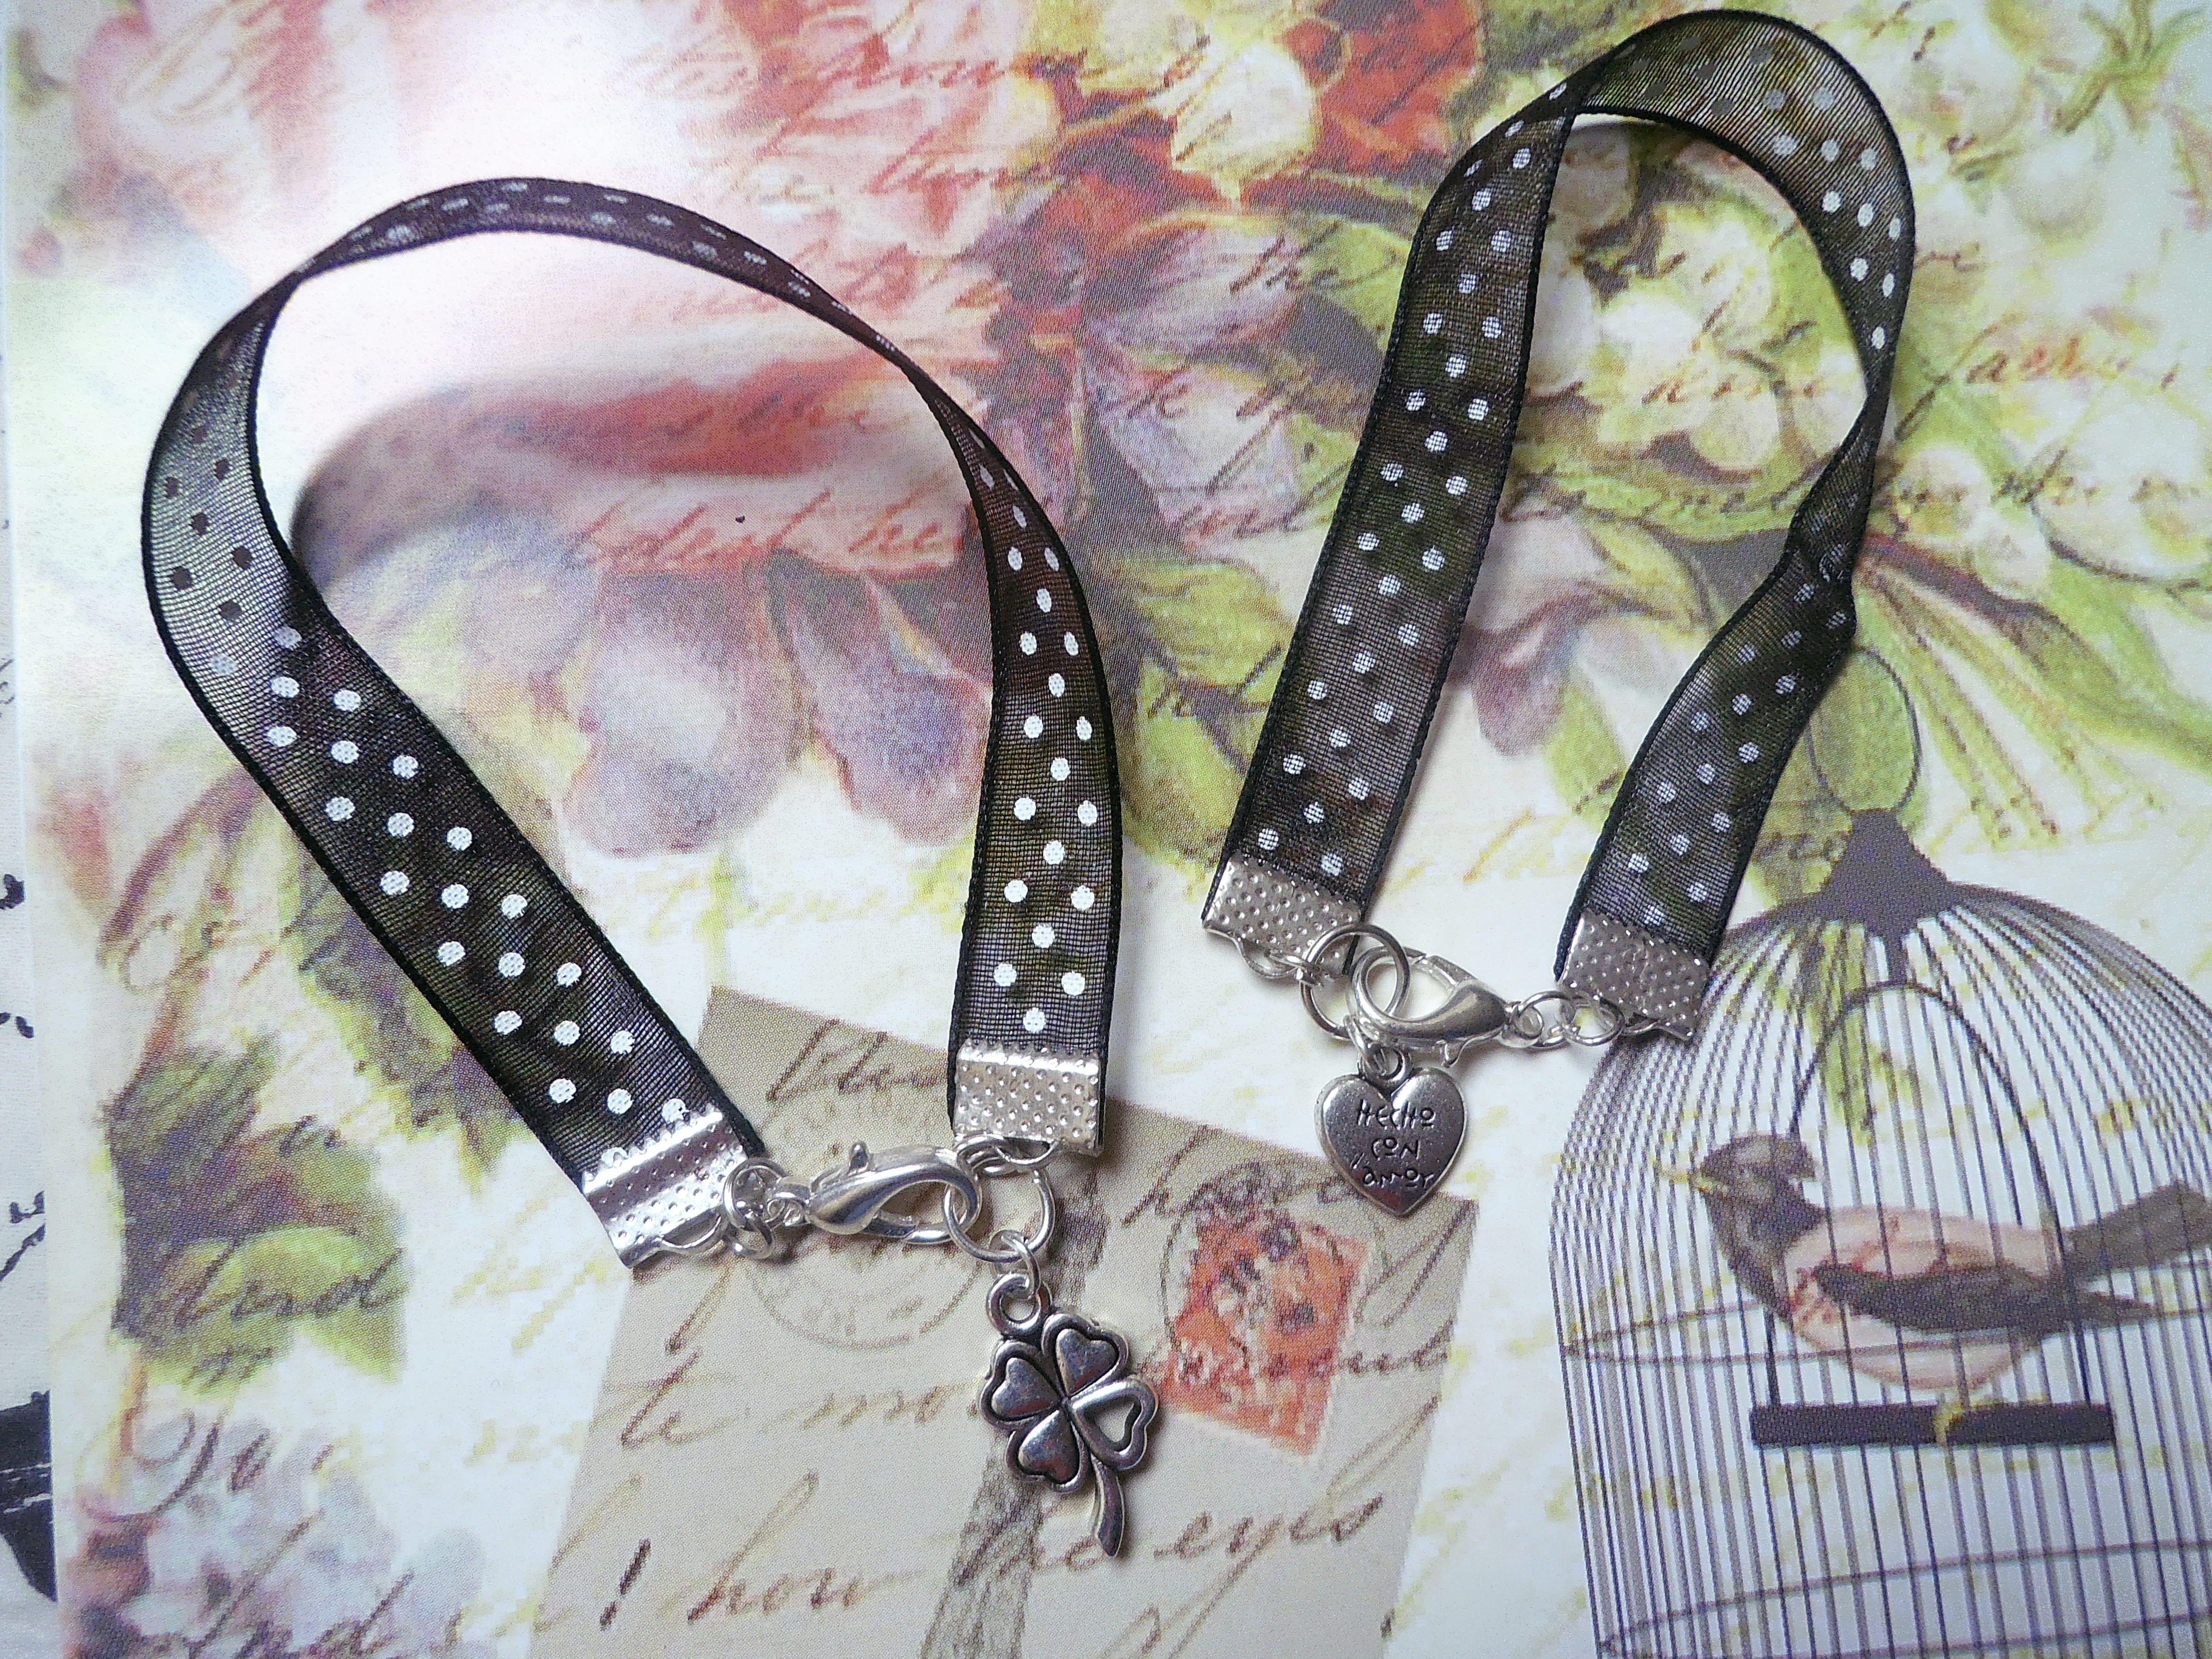 Pulseras Vintage, hechas en cinta organza con diseño lunares y dijes trebol y corazòn en metal. www.facebook.com/pages/Nanoja/100973873394780